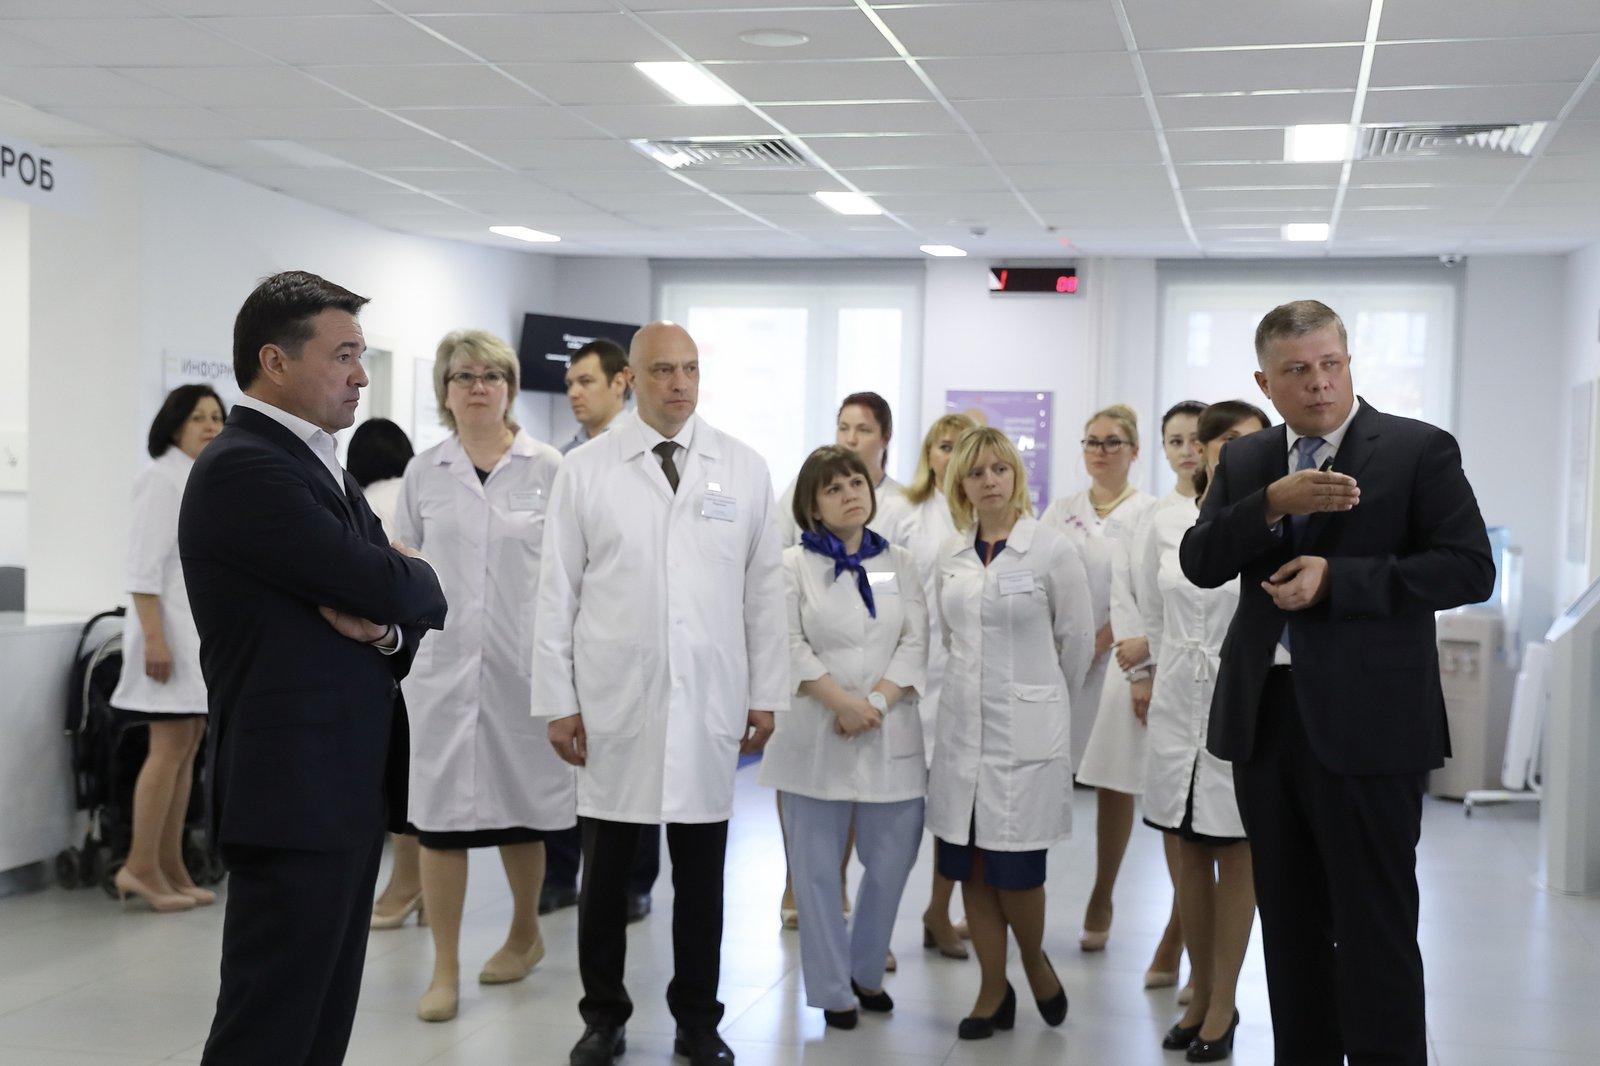 Андрей Воробьев губернатор московской области - Более 600 посещений в смену: в Химках открылась новая поликлиника